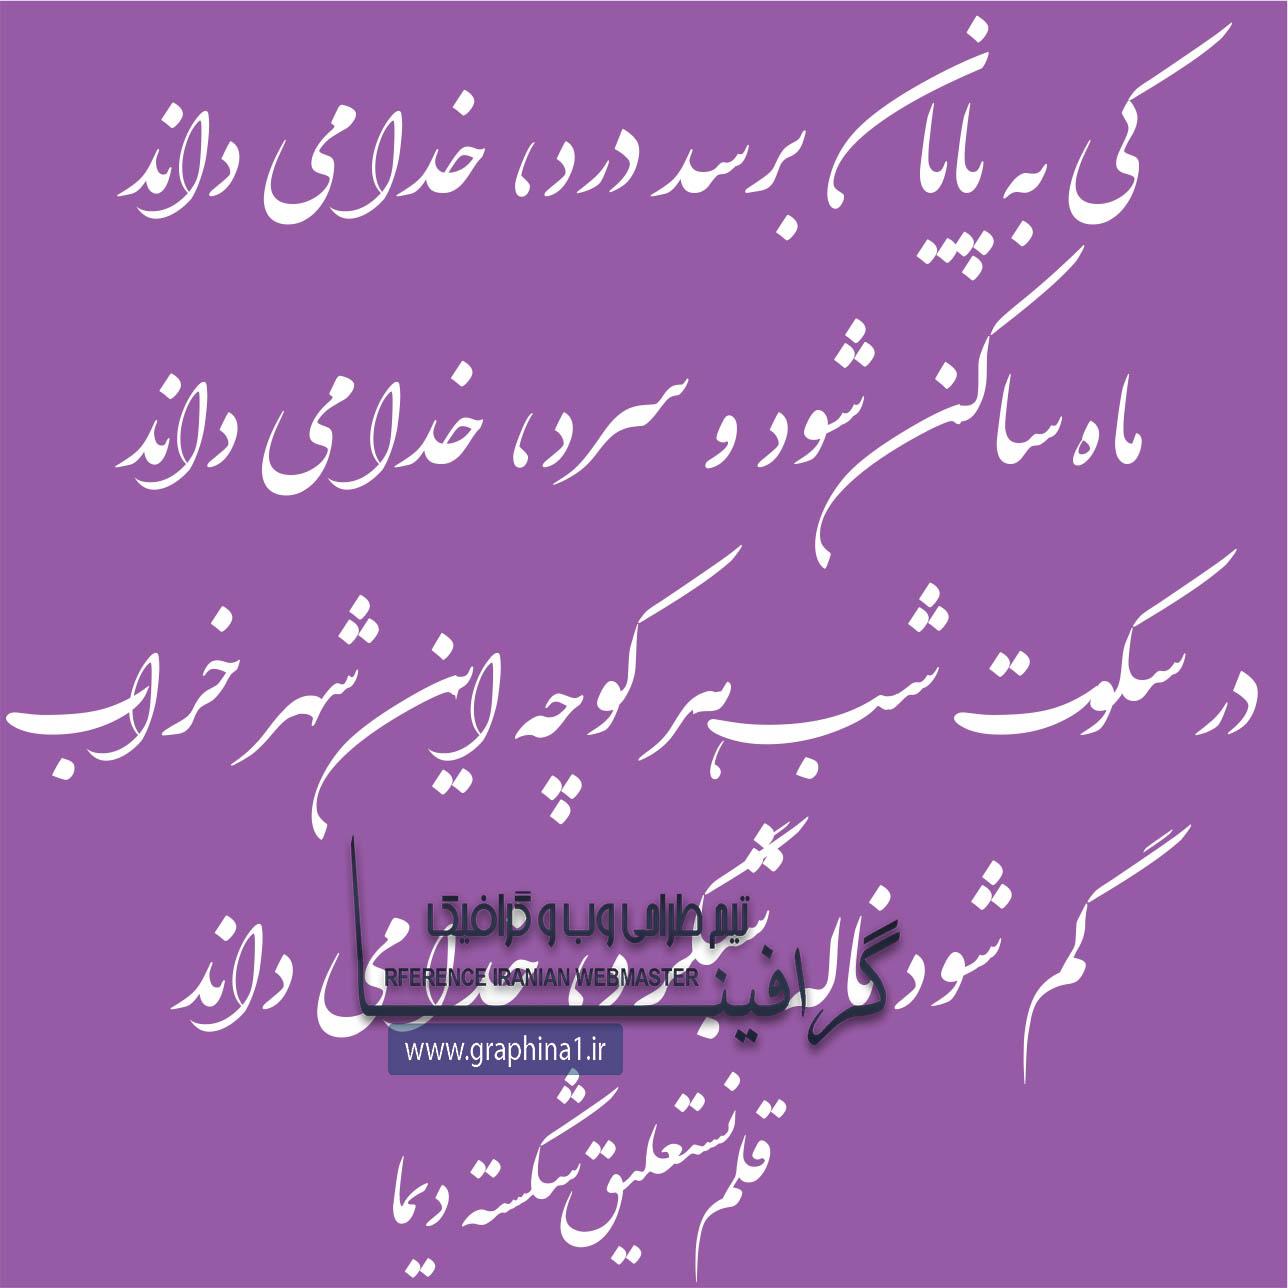 فونت قلم زیبای فارسی شکسته نستعلیق دیما